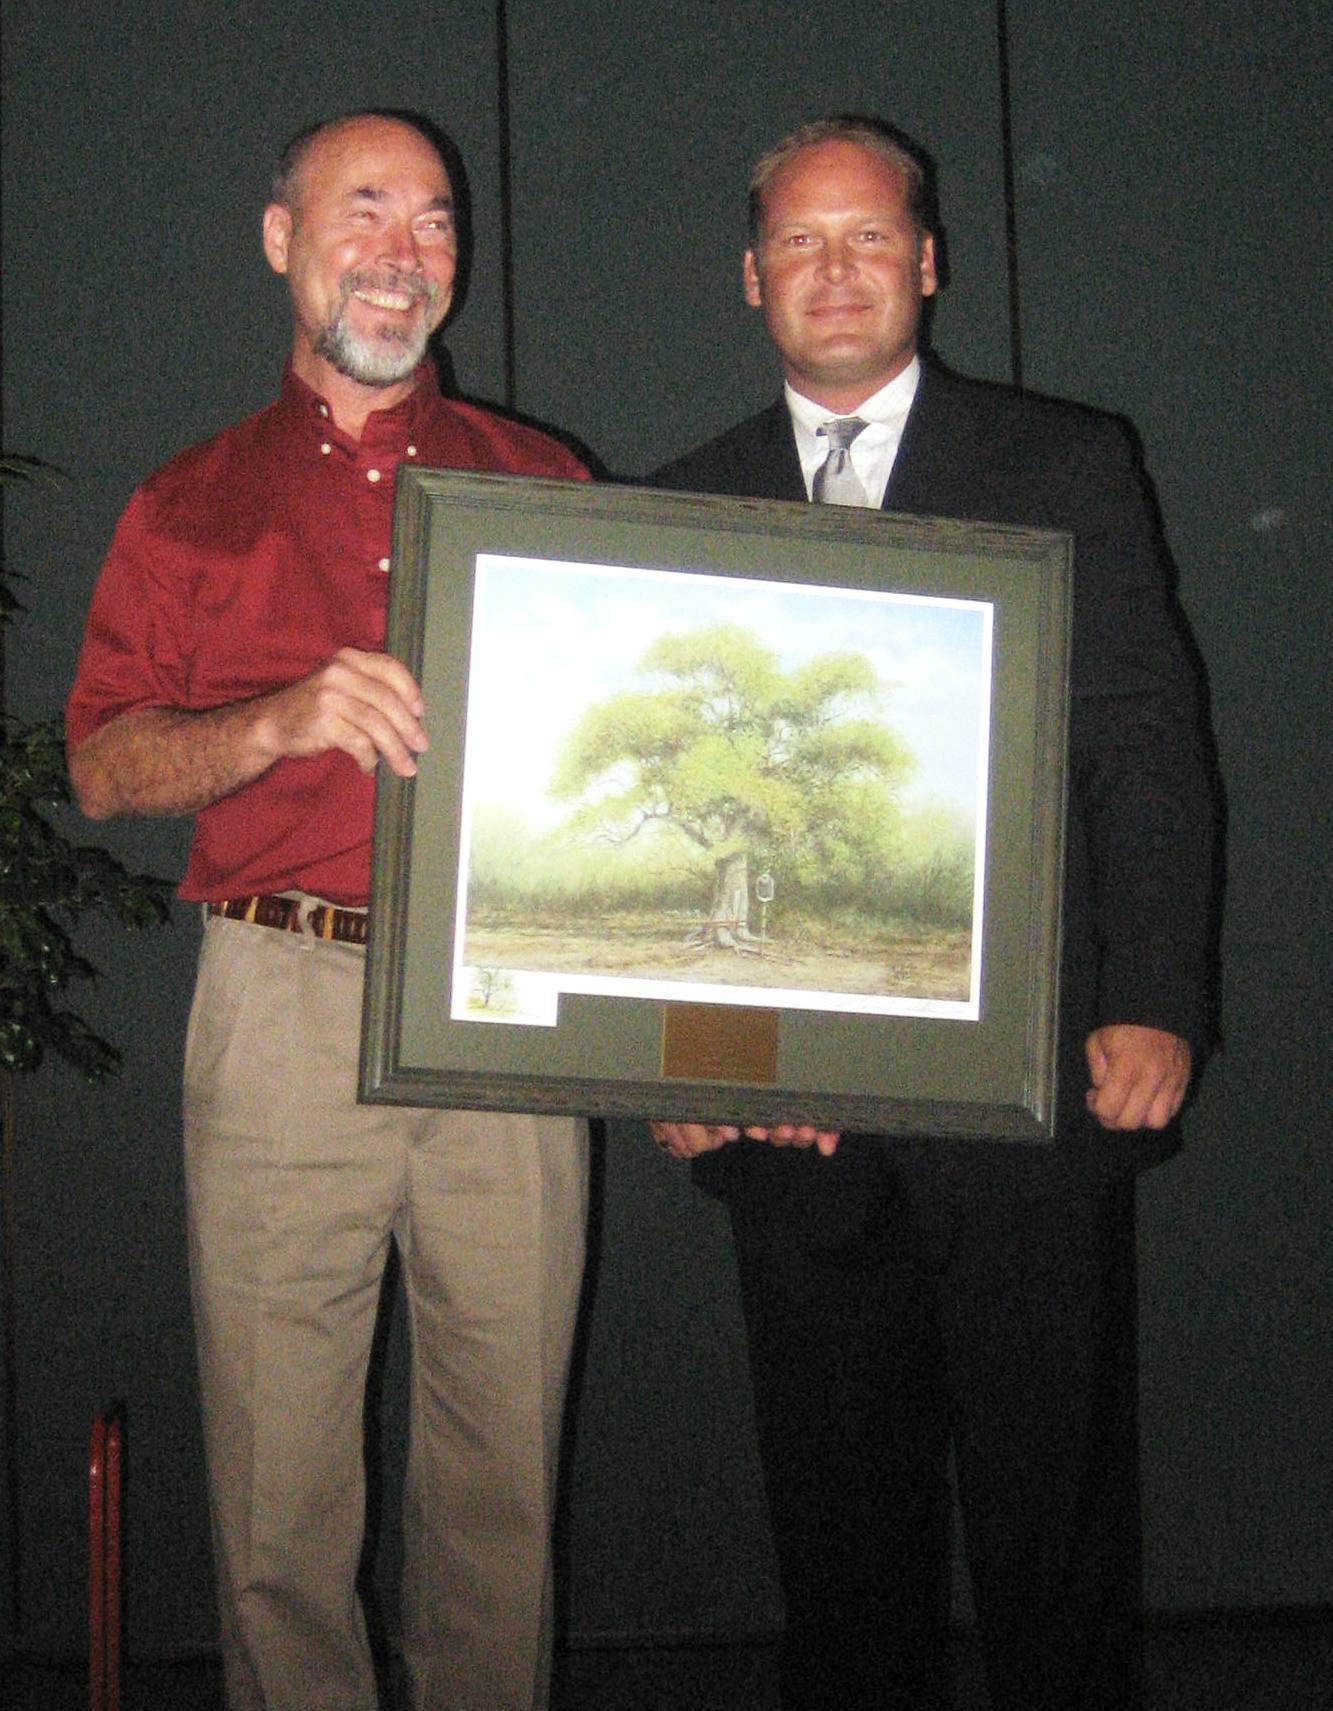 Isat past award winners for Don gardner arborist